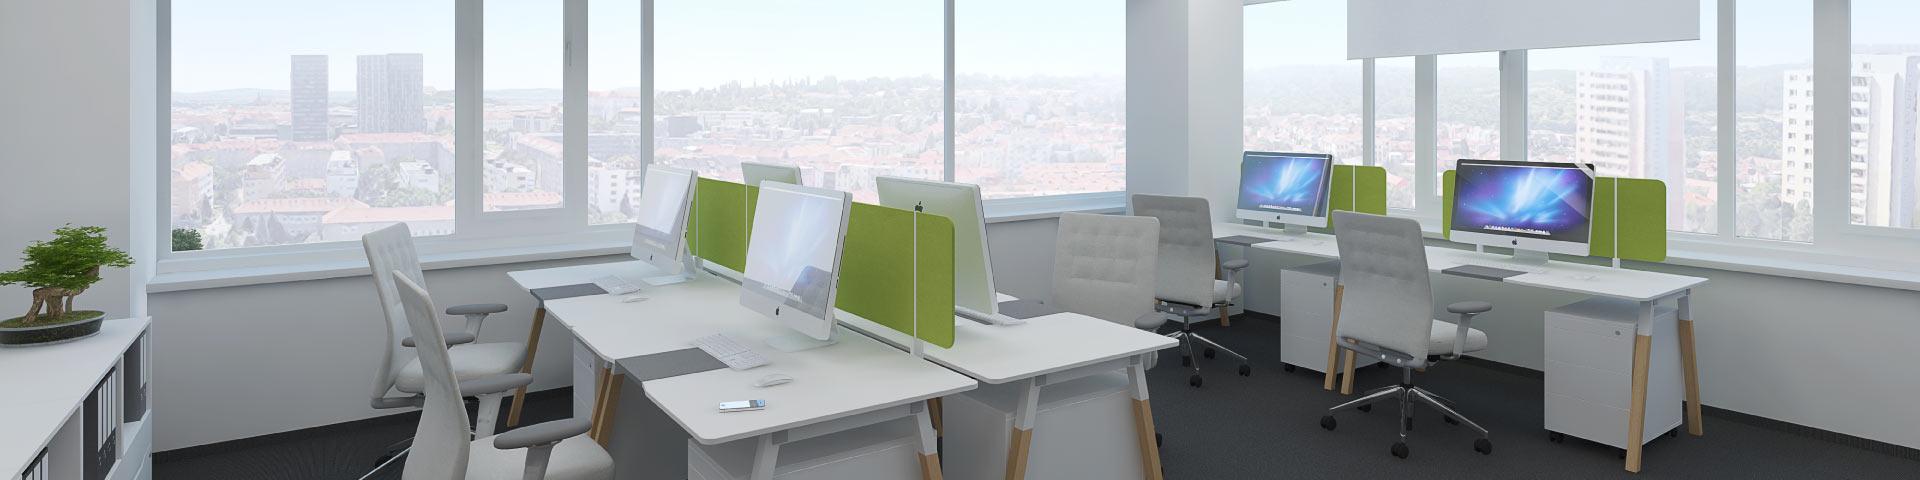 Pronájem nových kancelářských prostor v atraktivní lokalitě Brno Královo pole